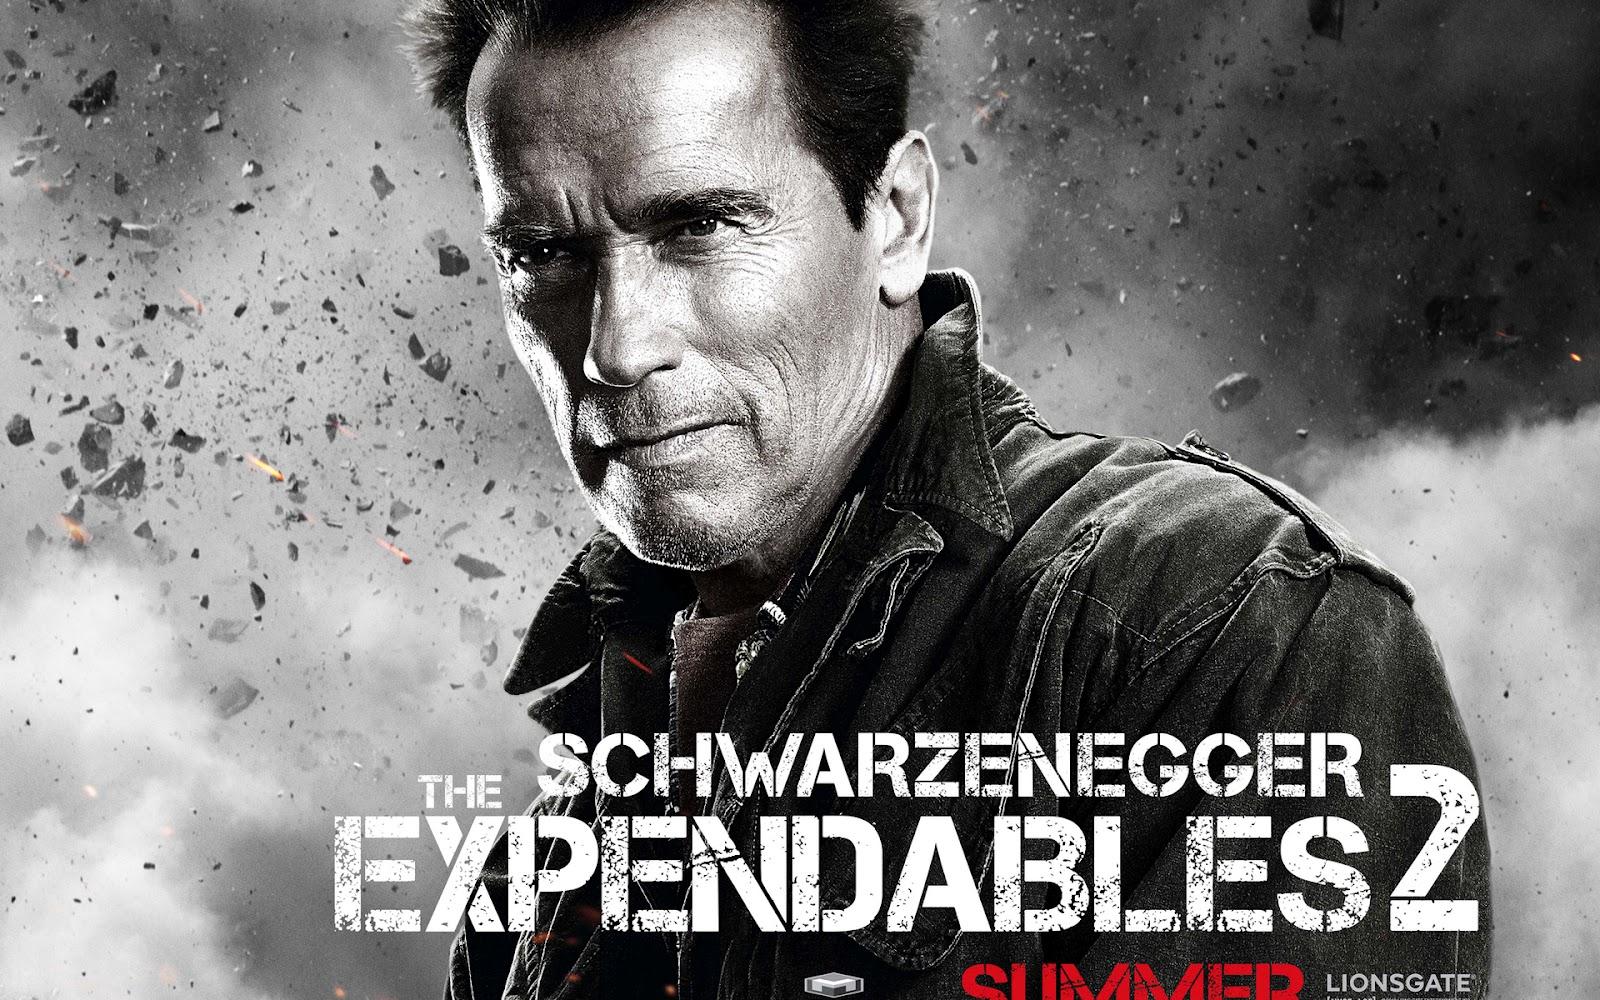 http://1.bp.blogspot.com/-KogwU8Bsirg/T7bNNZ9-YnI/AAAAAAAAdO4/6s9w2oAnmIY/s1600/The-Expendables-2_Arnold-Schwarzenegger.jpg